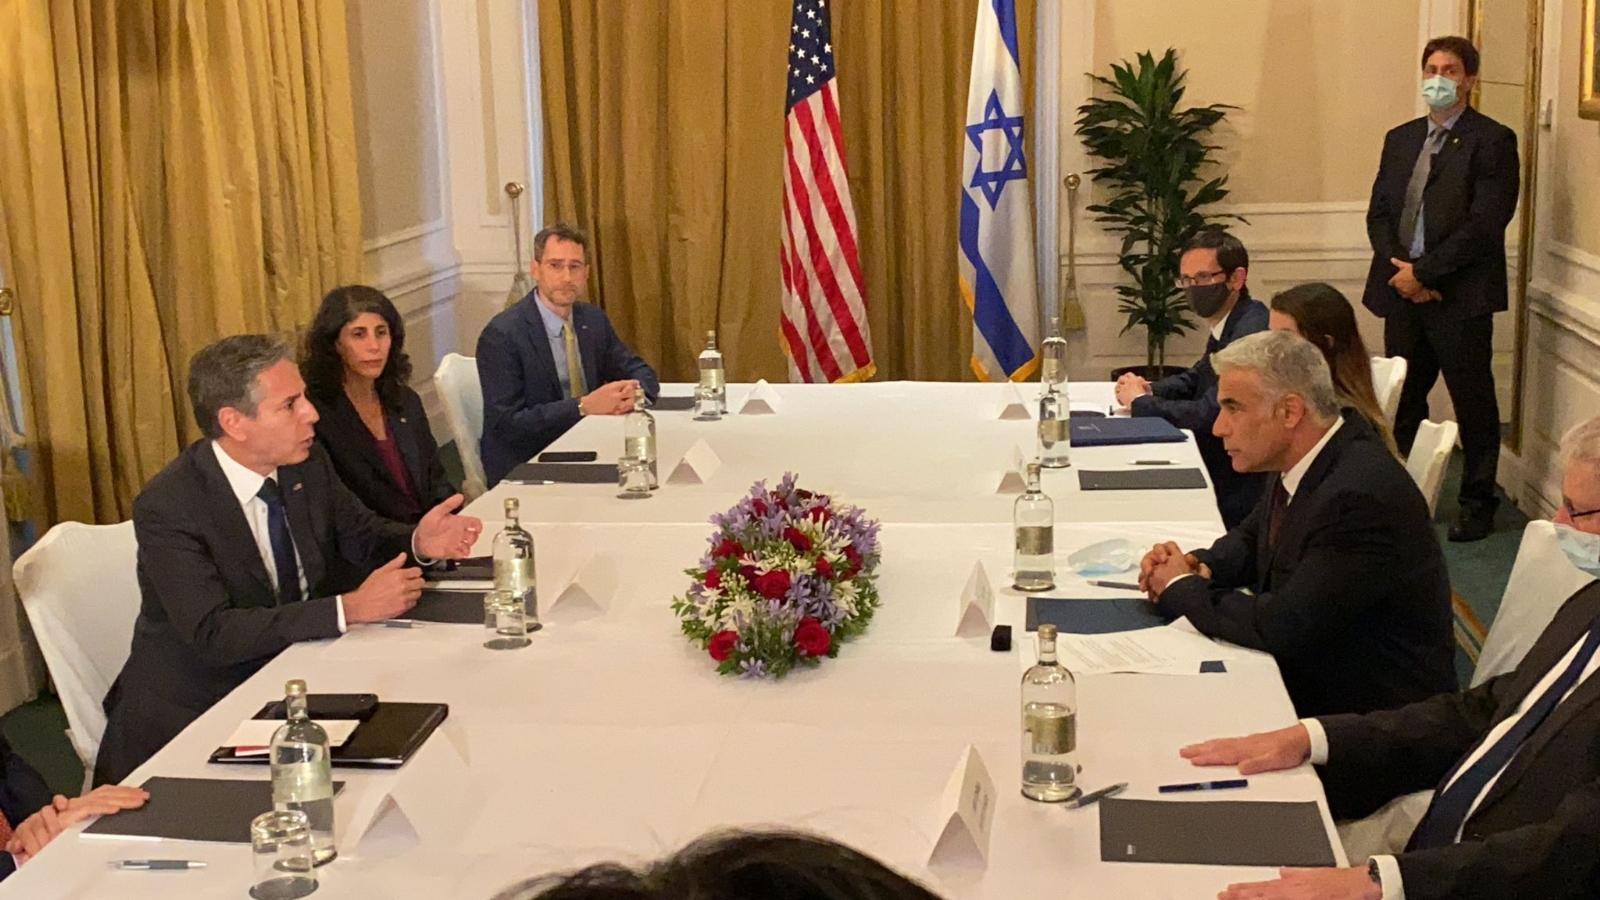 ABD Dışişleri Bakanı Blinken, İsrailli Mevkidaşı Lapid İle Bir Araya Geldi